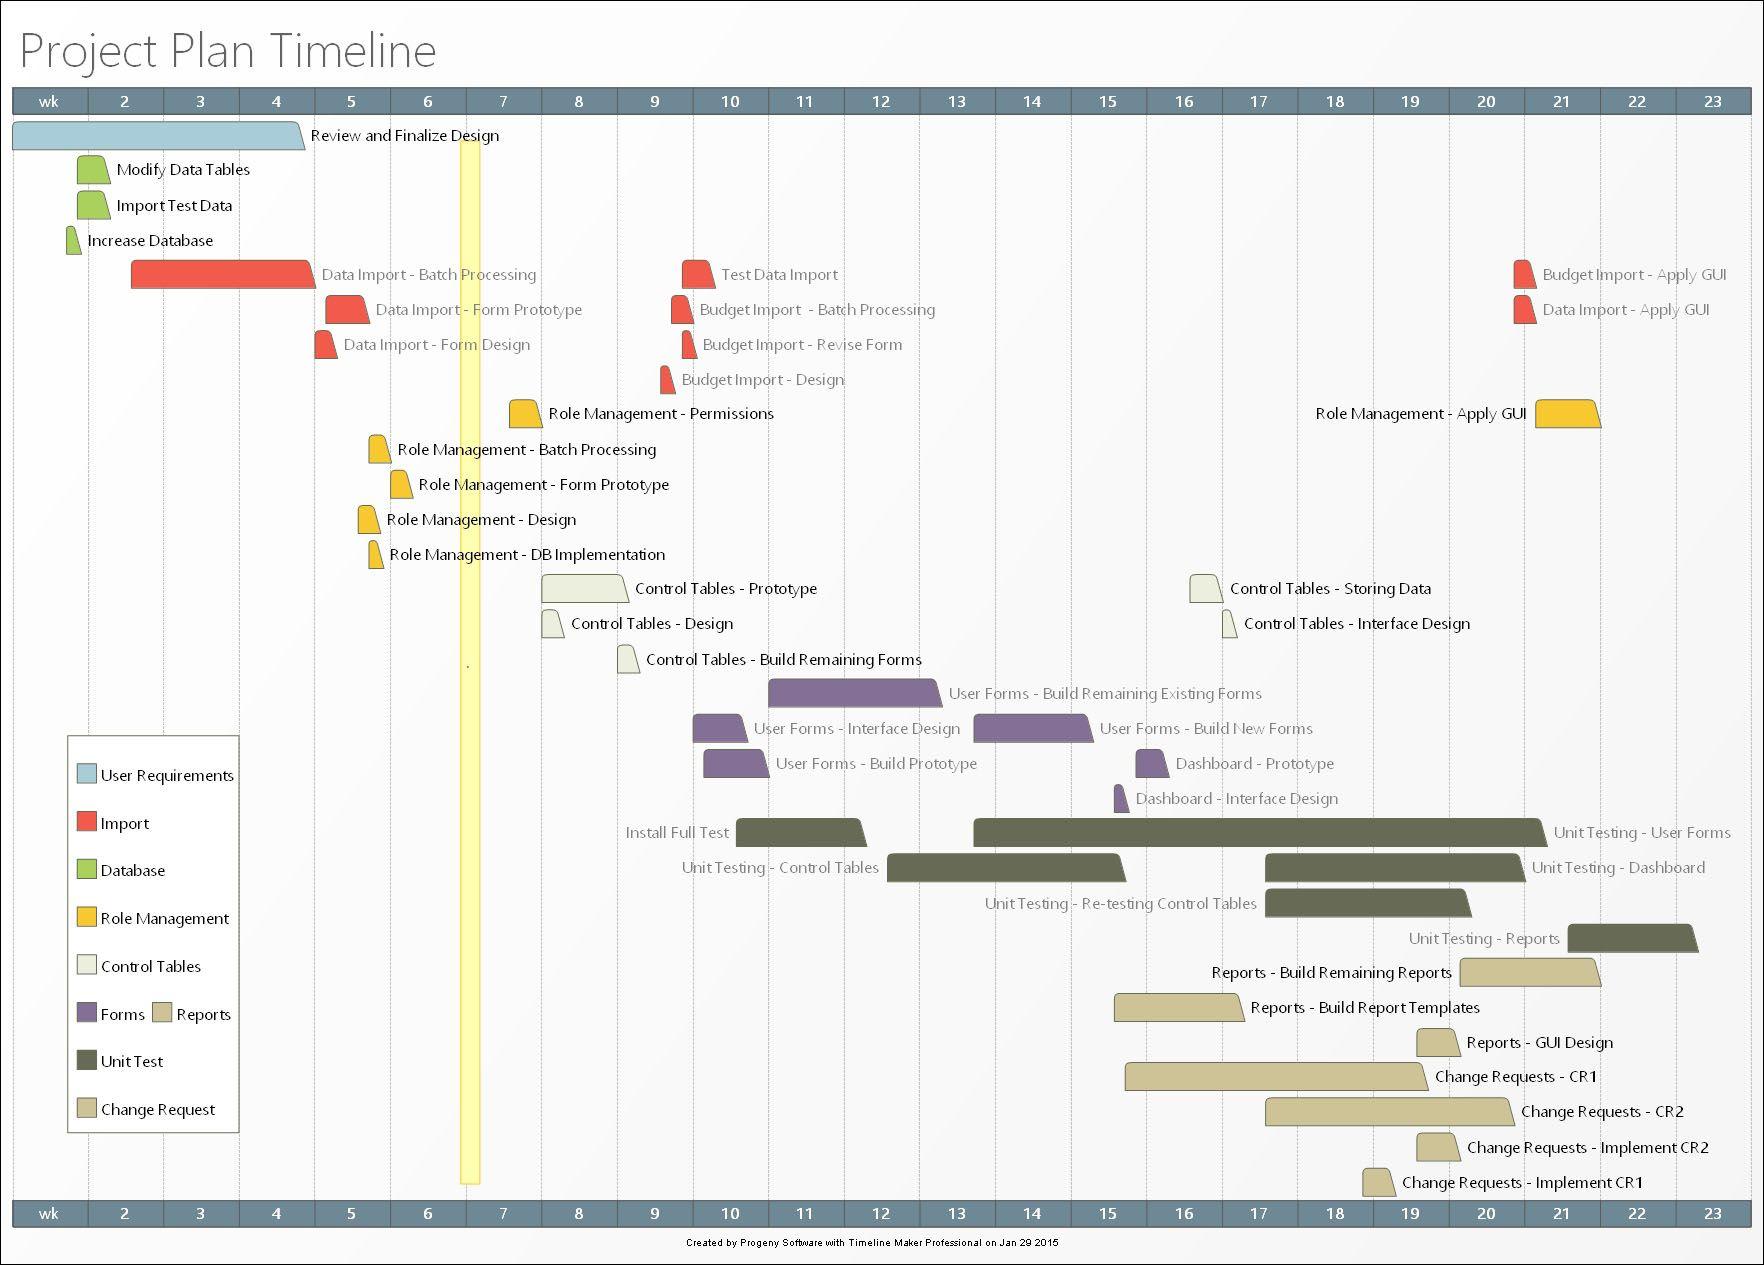 Project Plan Bar Chart Timeline example, Timeline maker